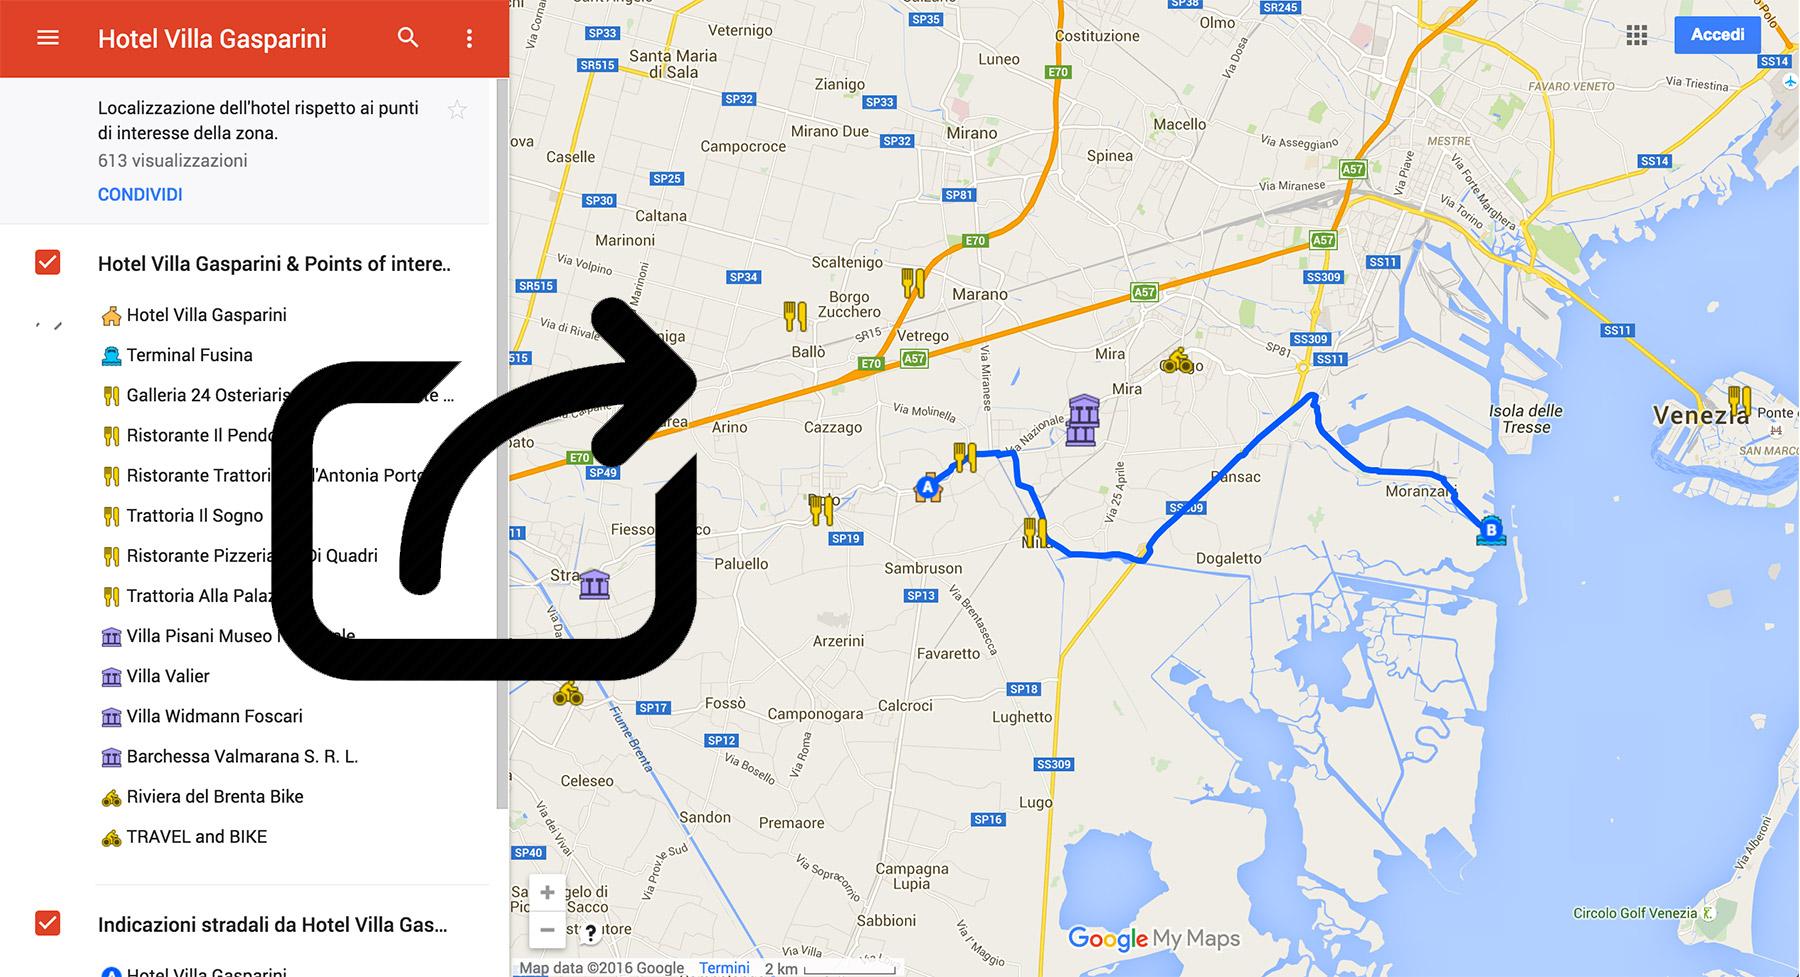 Clicca per aprire la mappa interattiva